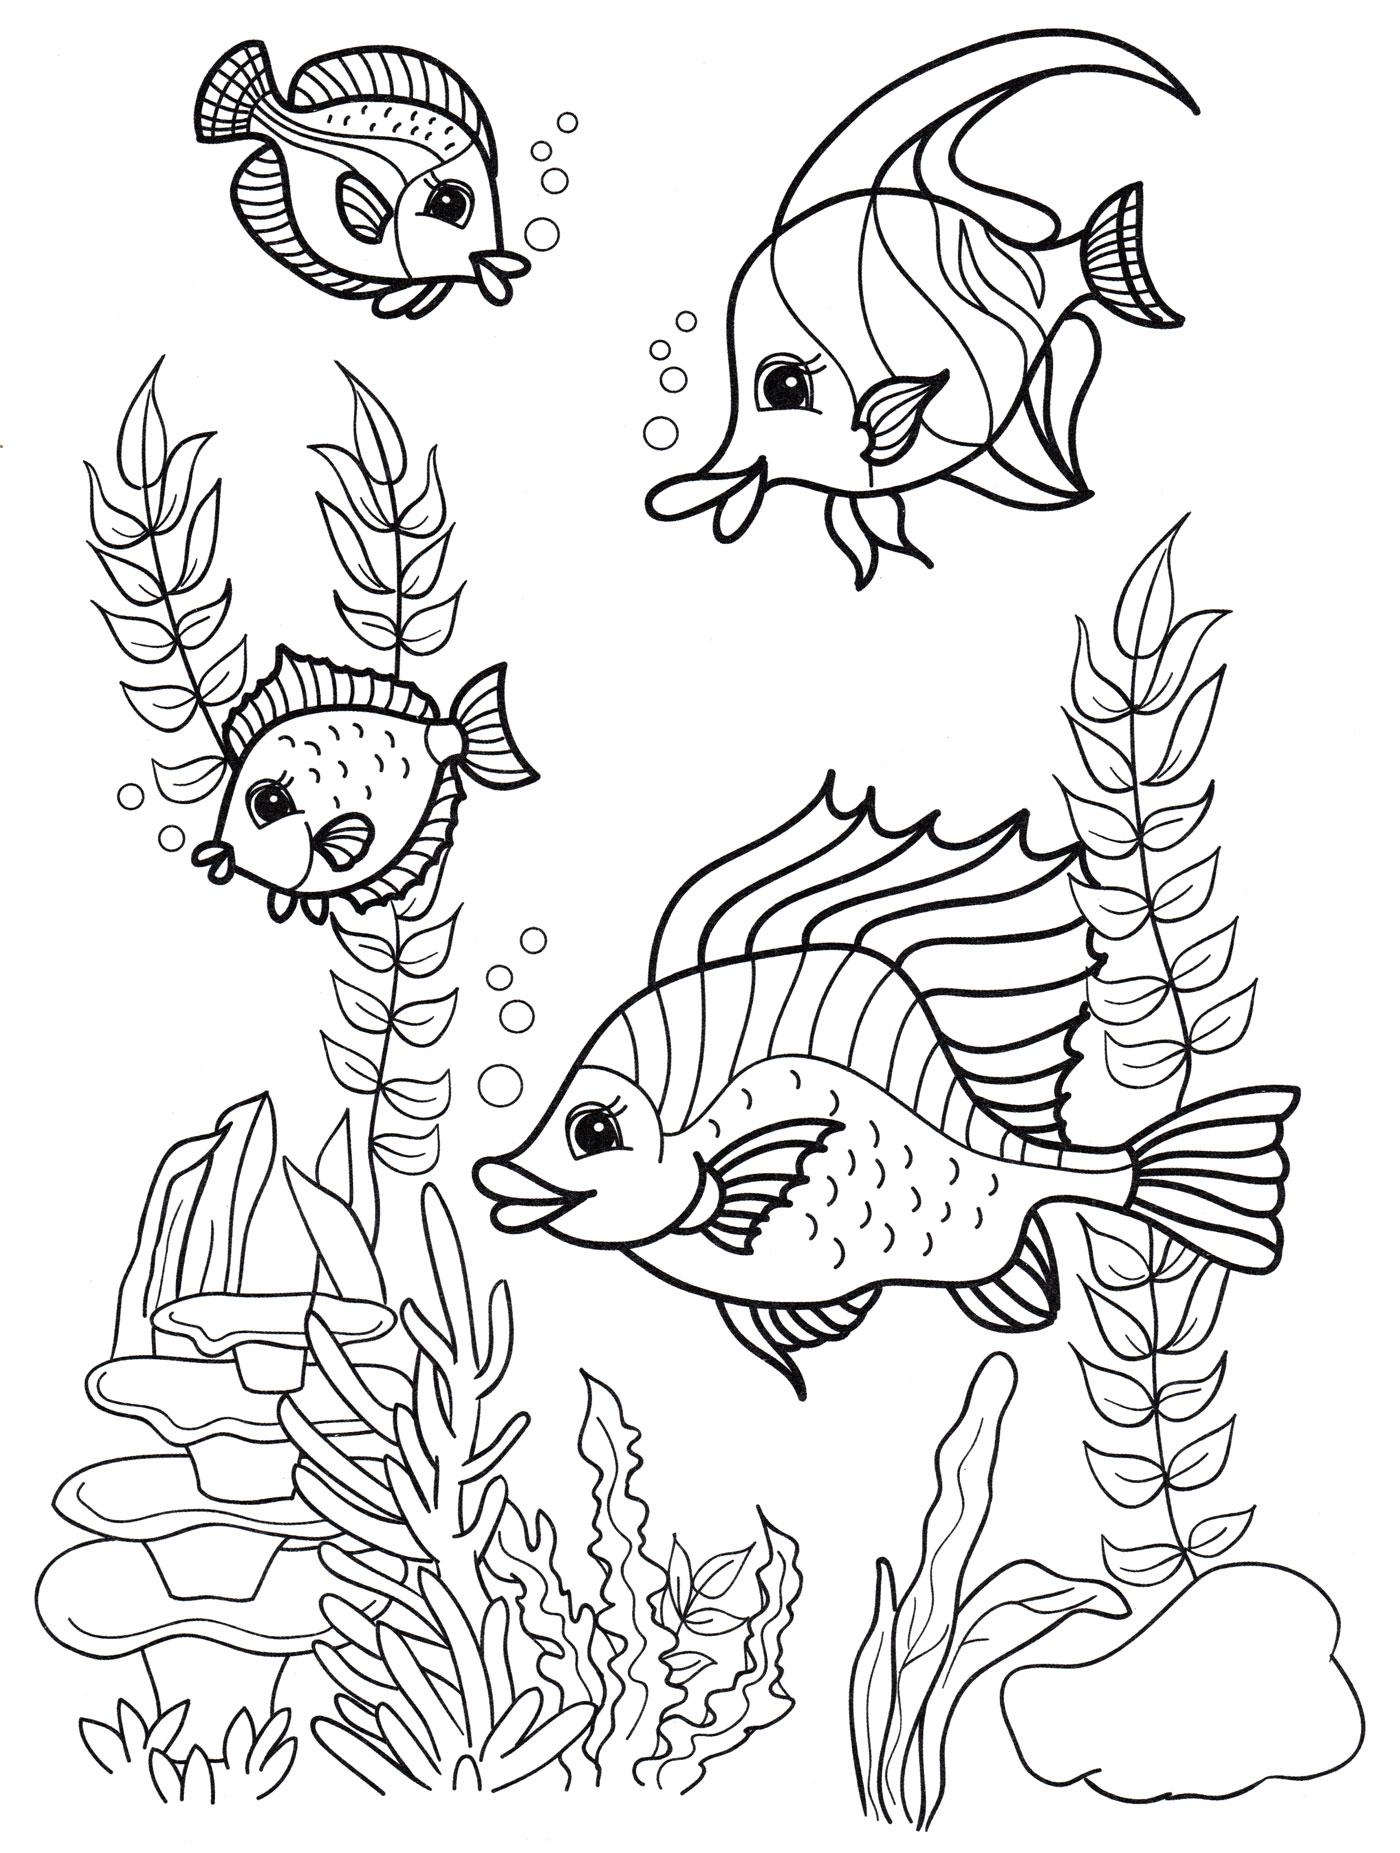 Раскраска Рыбки среди водорослей - распечатать бесплатно